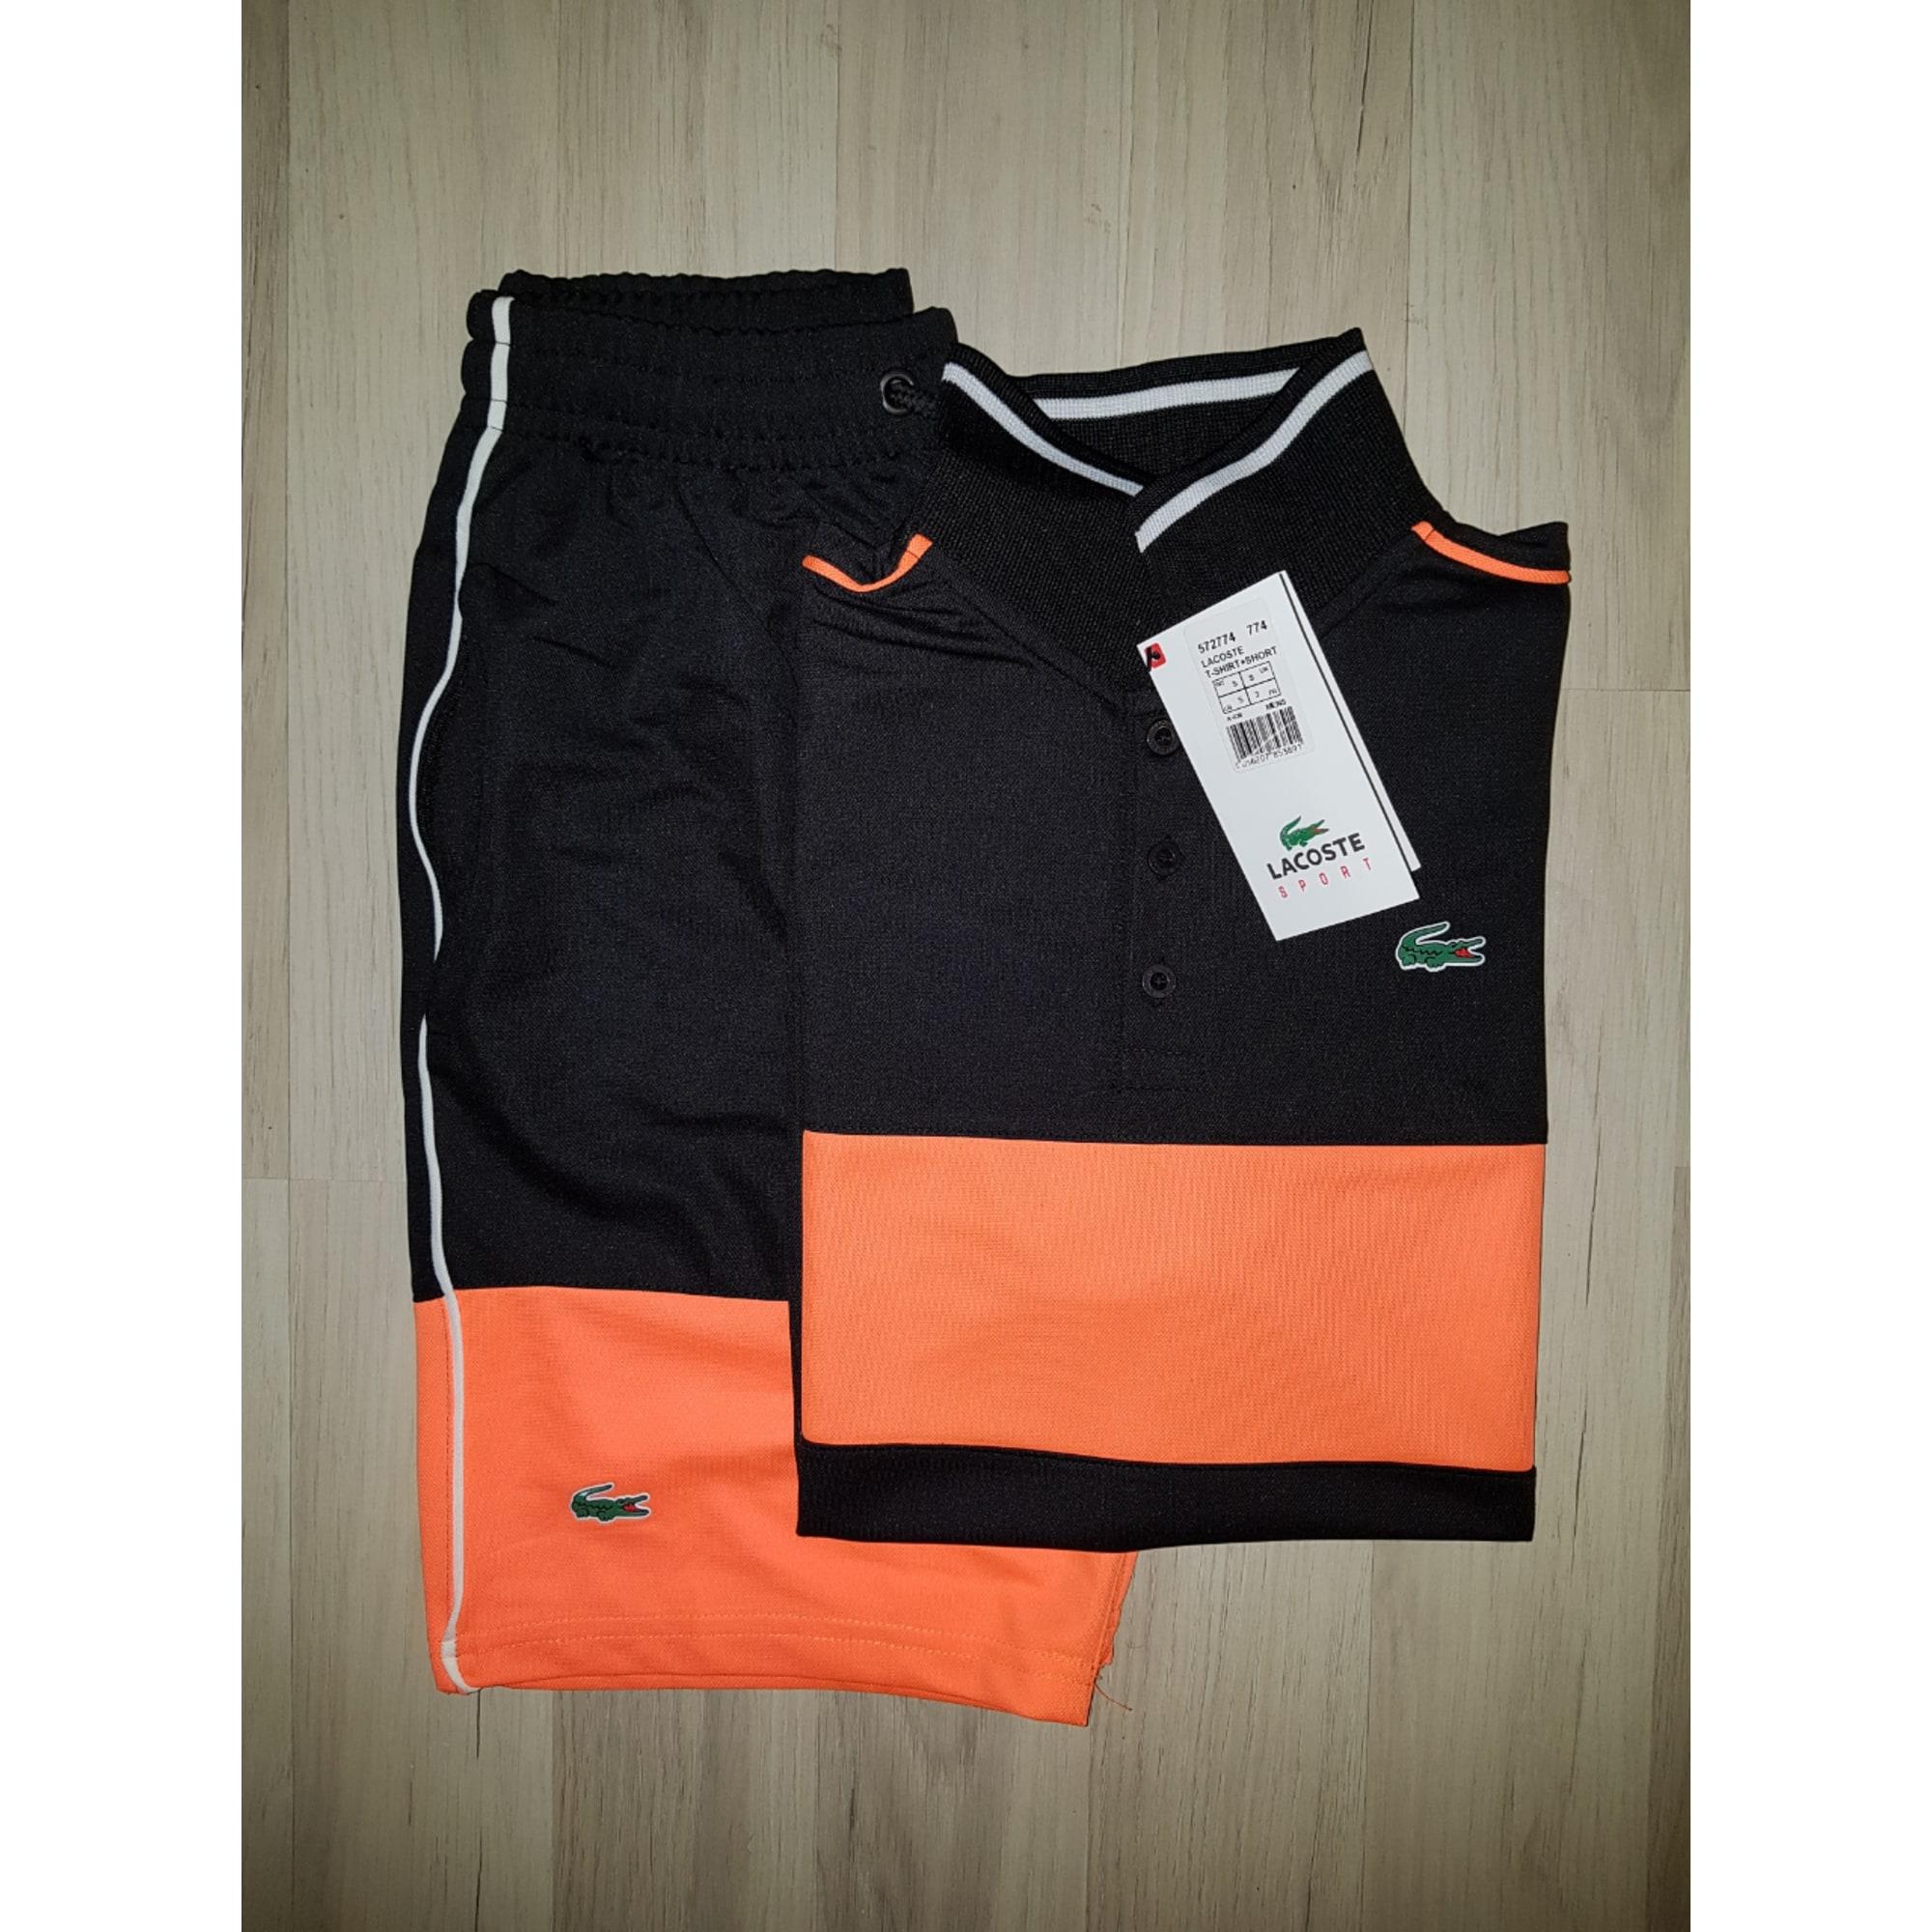 7946707 Jogging Ensemble Lacoste 40 Noir nN8v0wymO